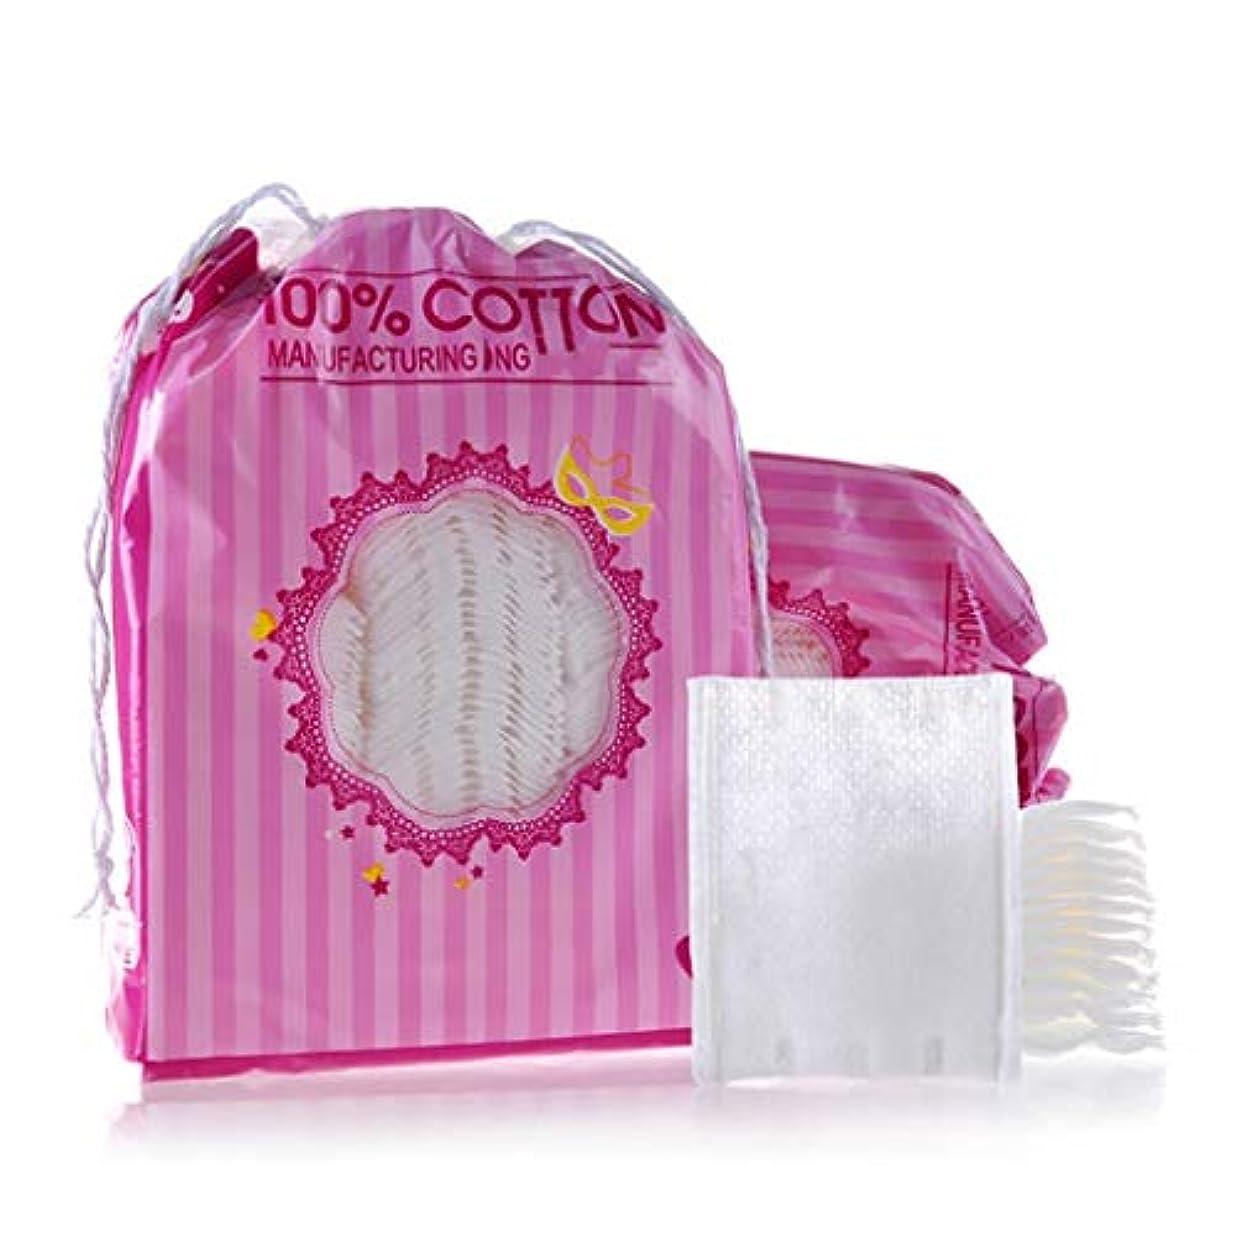 フォアタイプ急流収穫クレンジングシート 200ピースコットンメイクアップリムーバーパッドソフトオーガニックネイルポリッシュワイプ両面フェイスクレンジング美容化粧品パッド (Color : White)